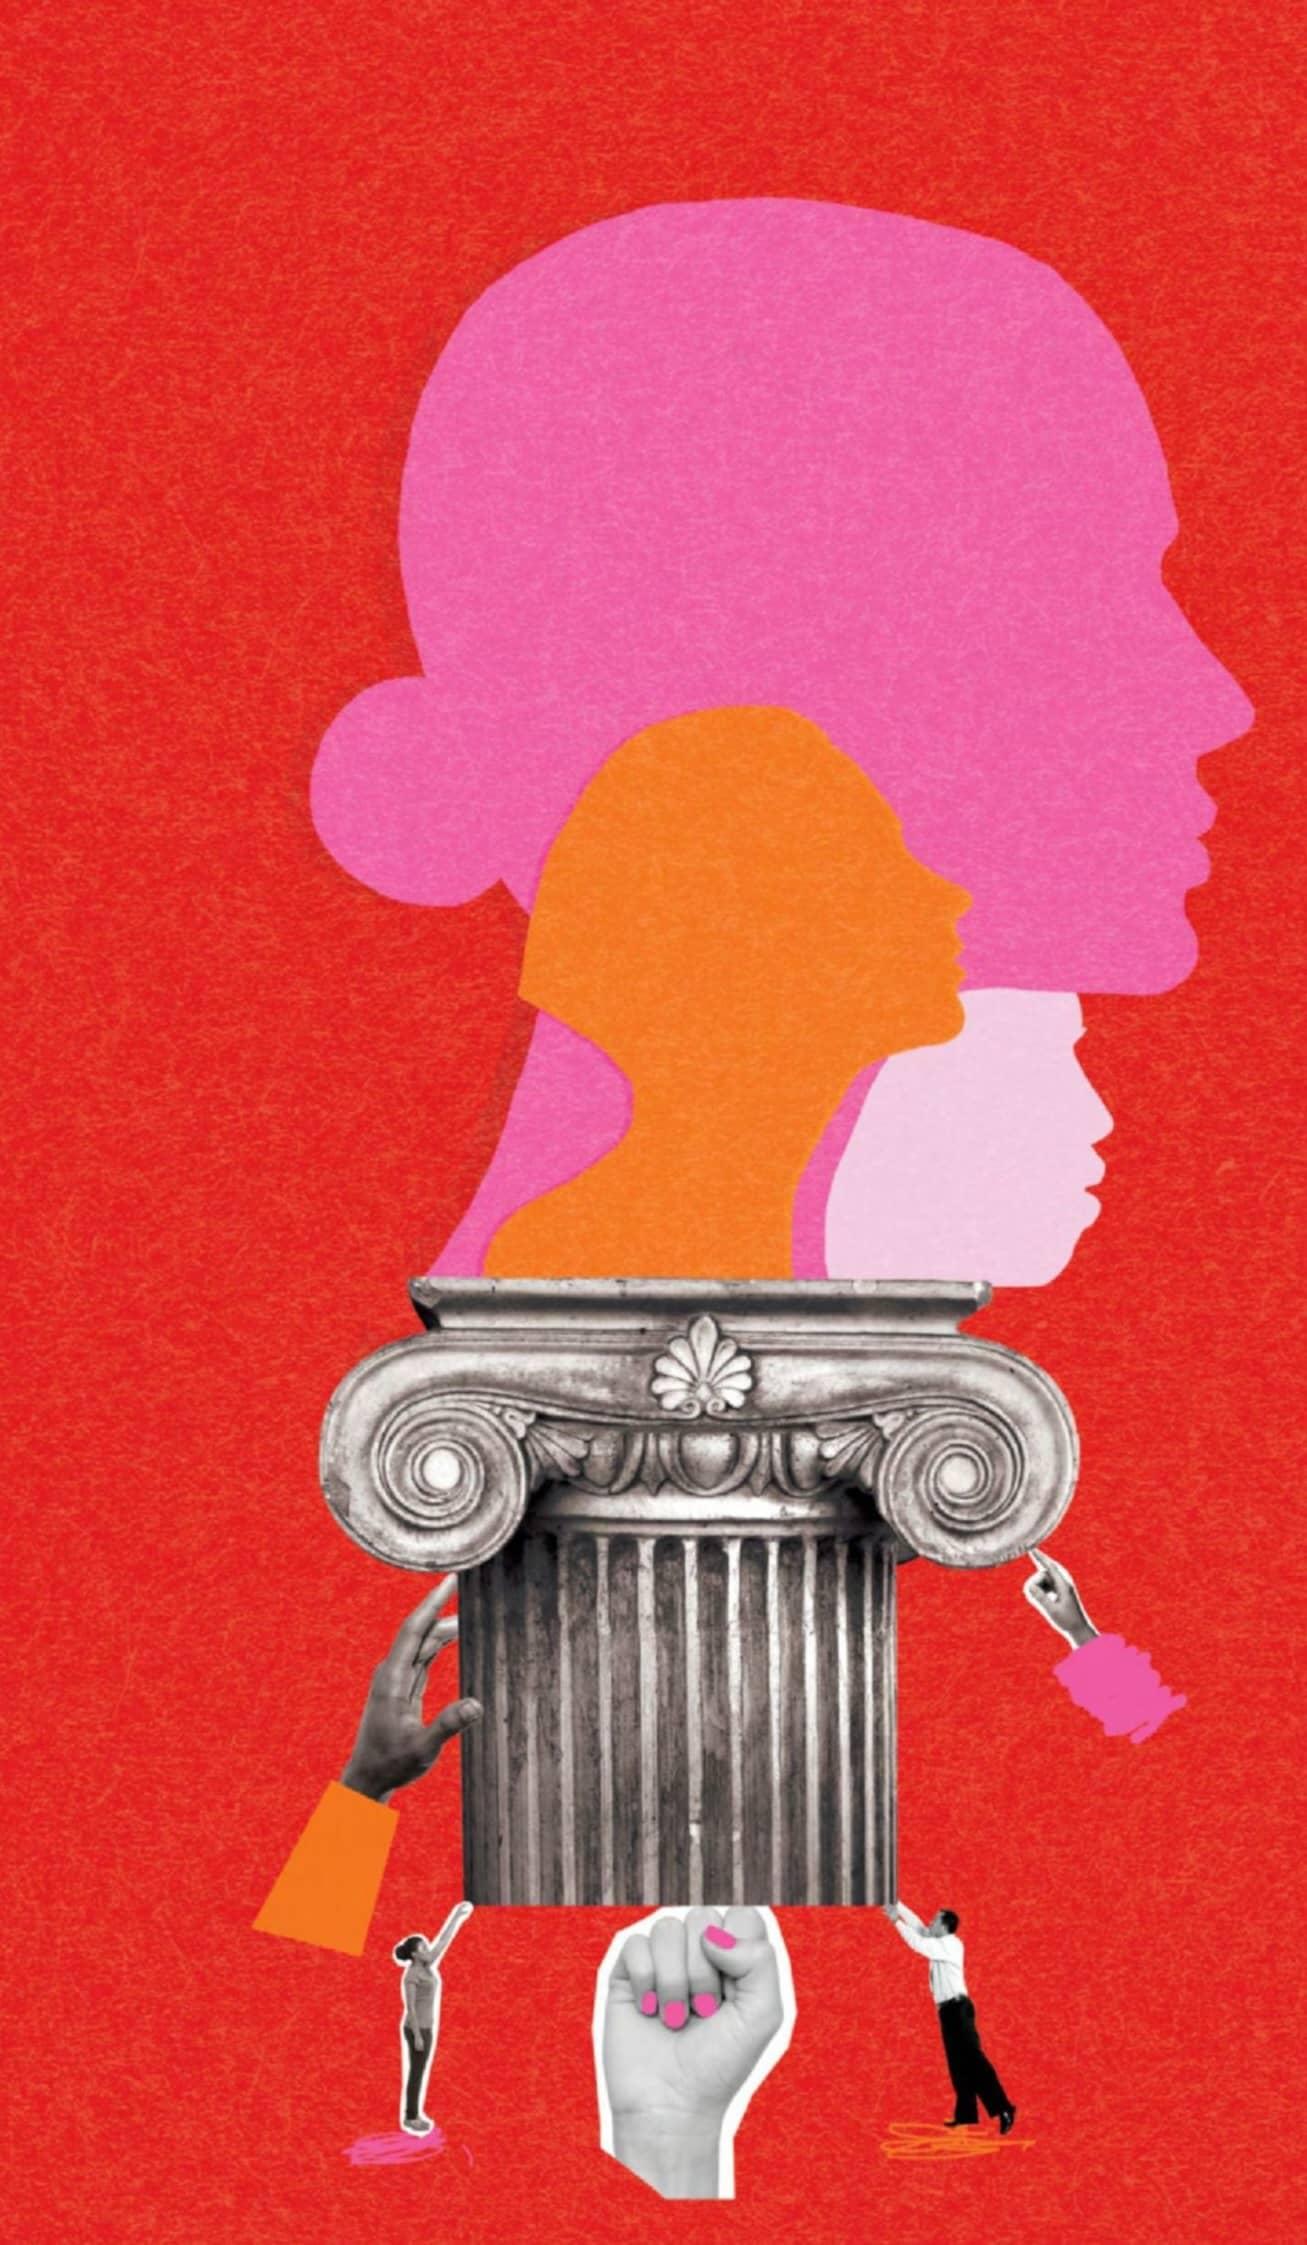 THE EVOLUTION OF WOMEN'S LEADERSHIP